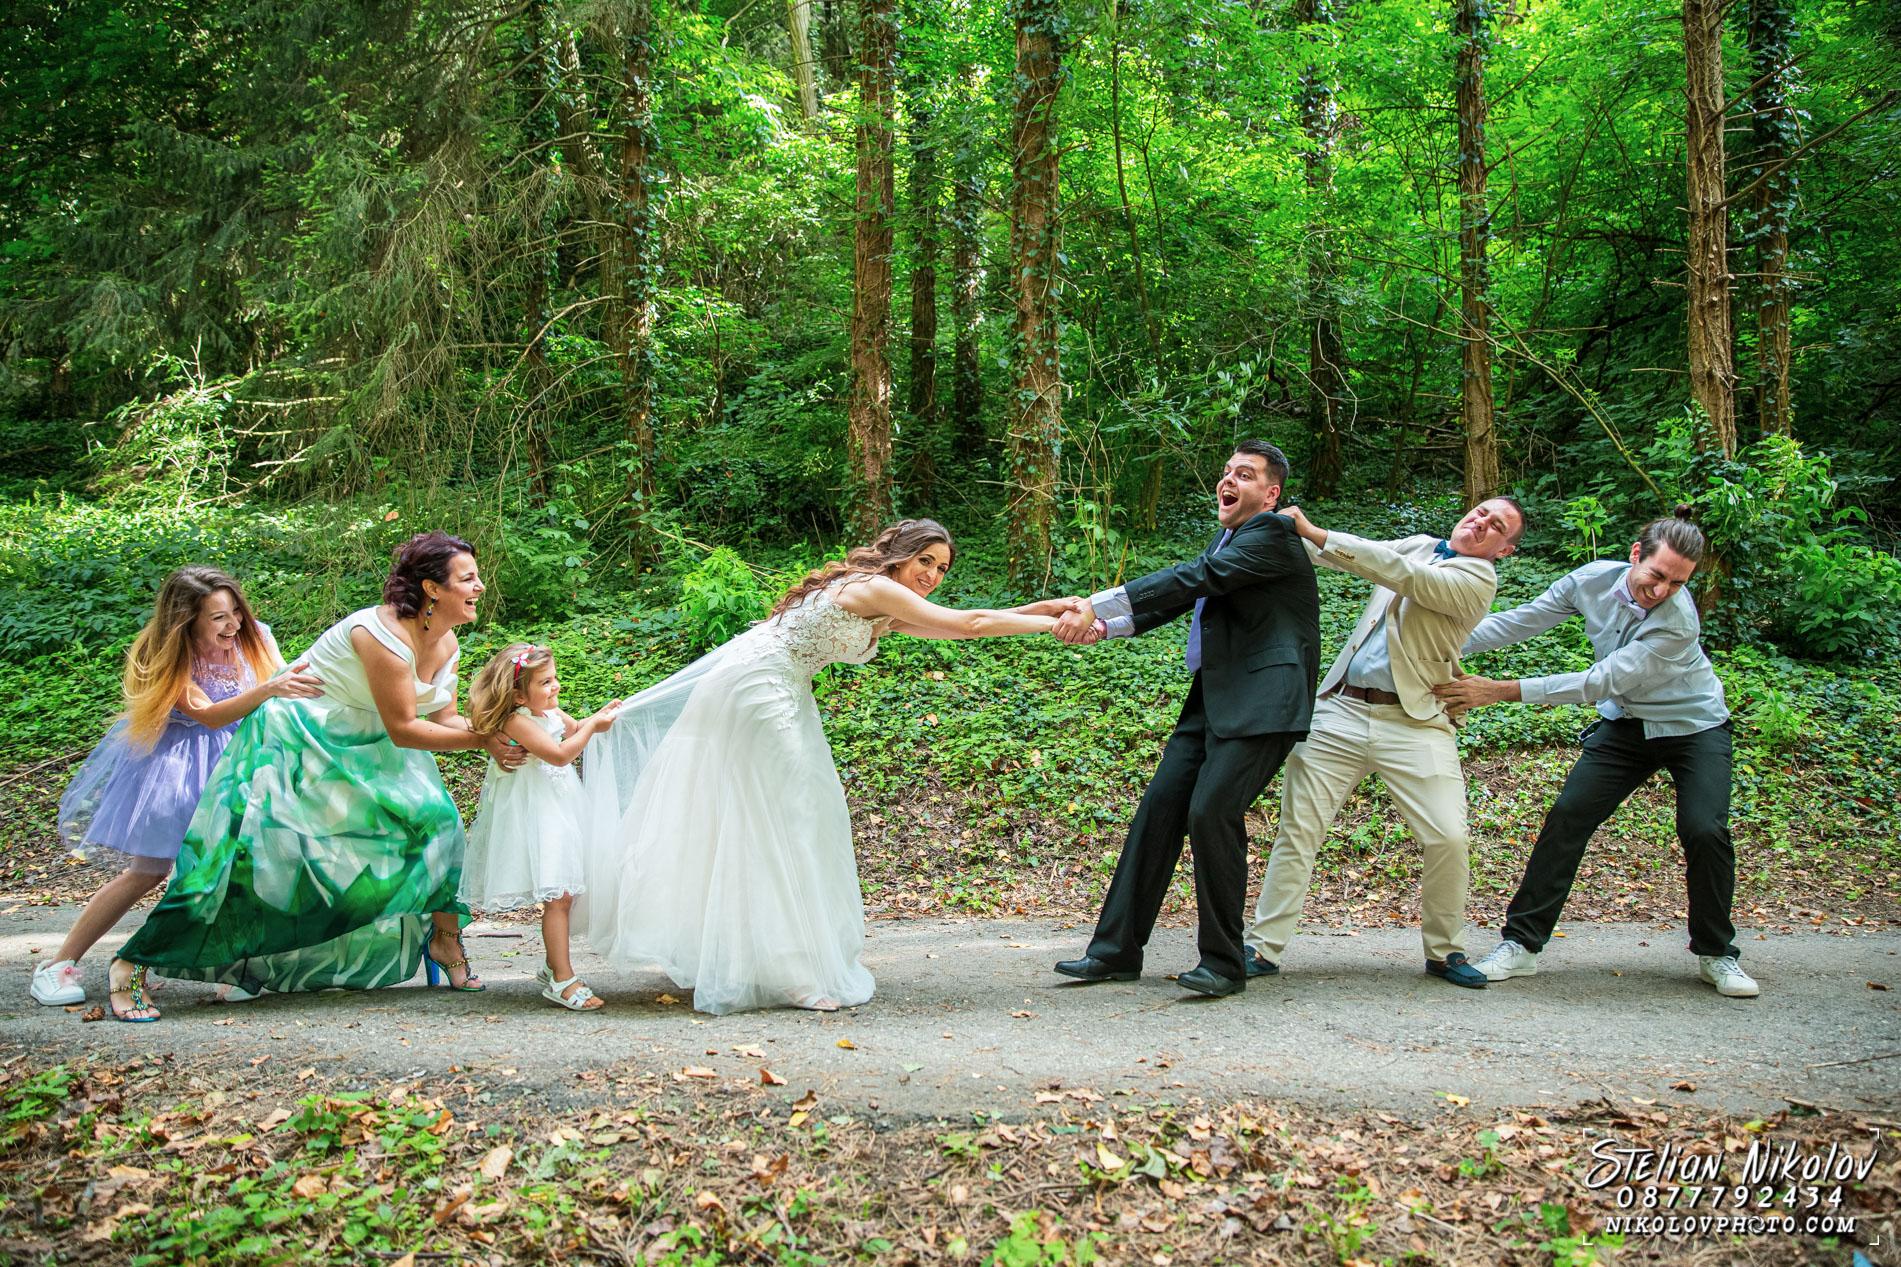 сватбен фотограф плевен цени